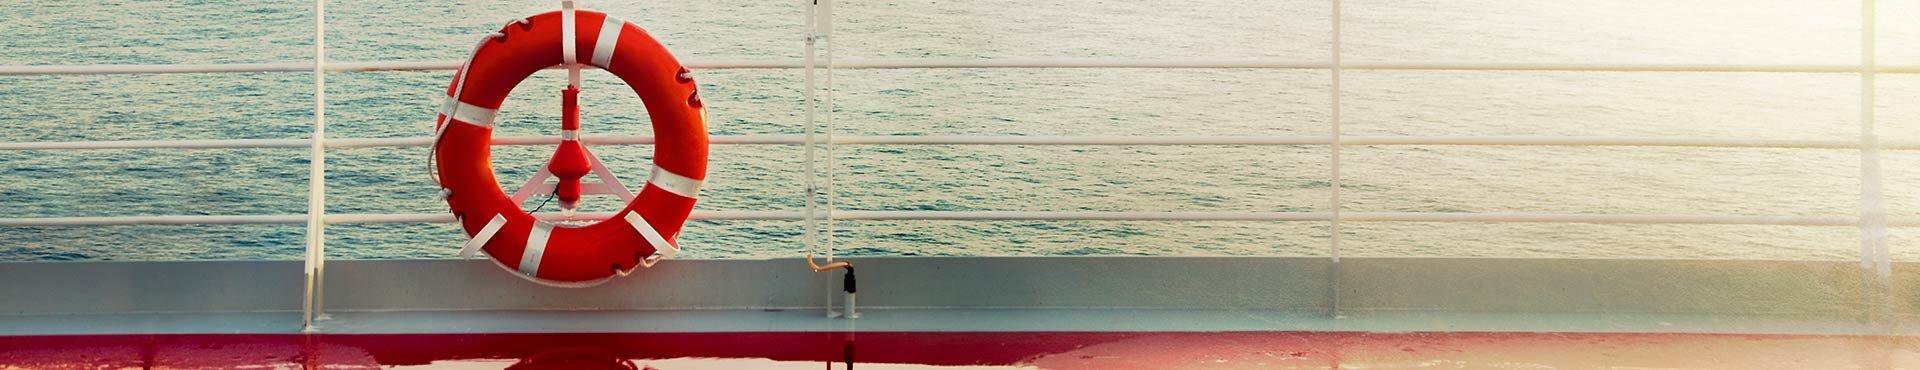 Life ring on cruise ship | Shine Lawyers